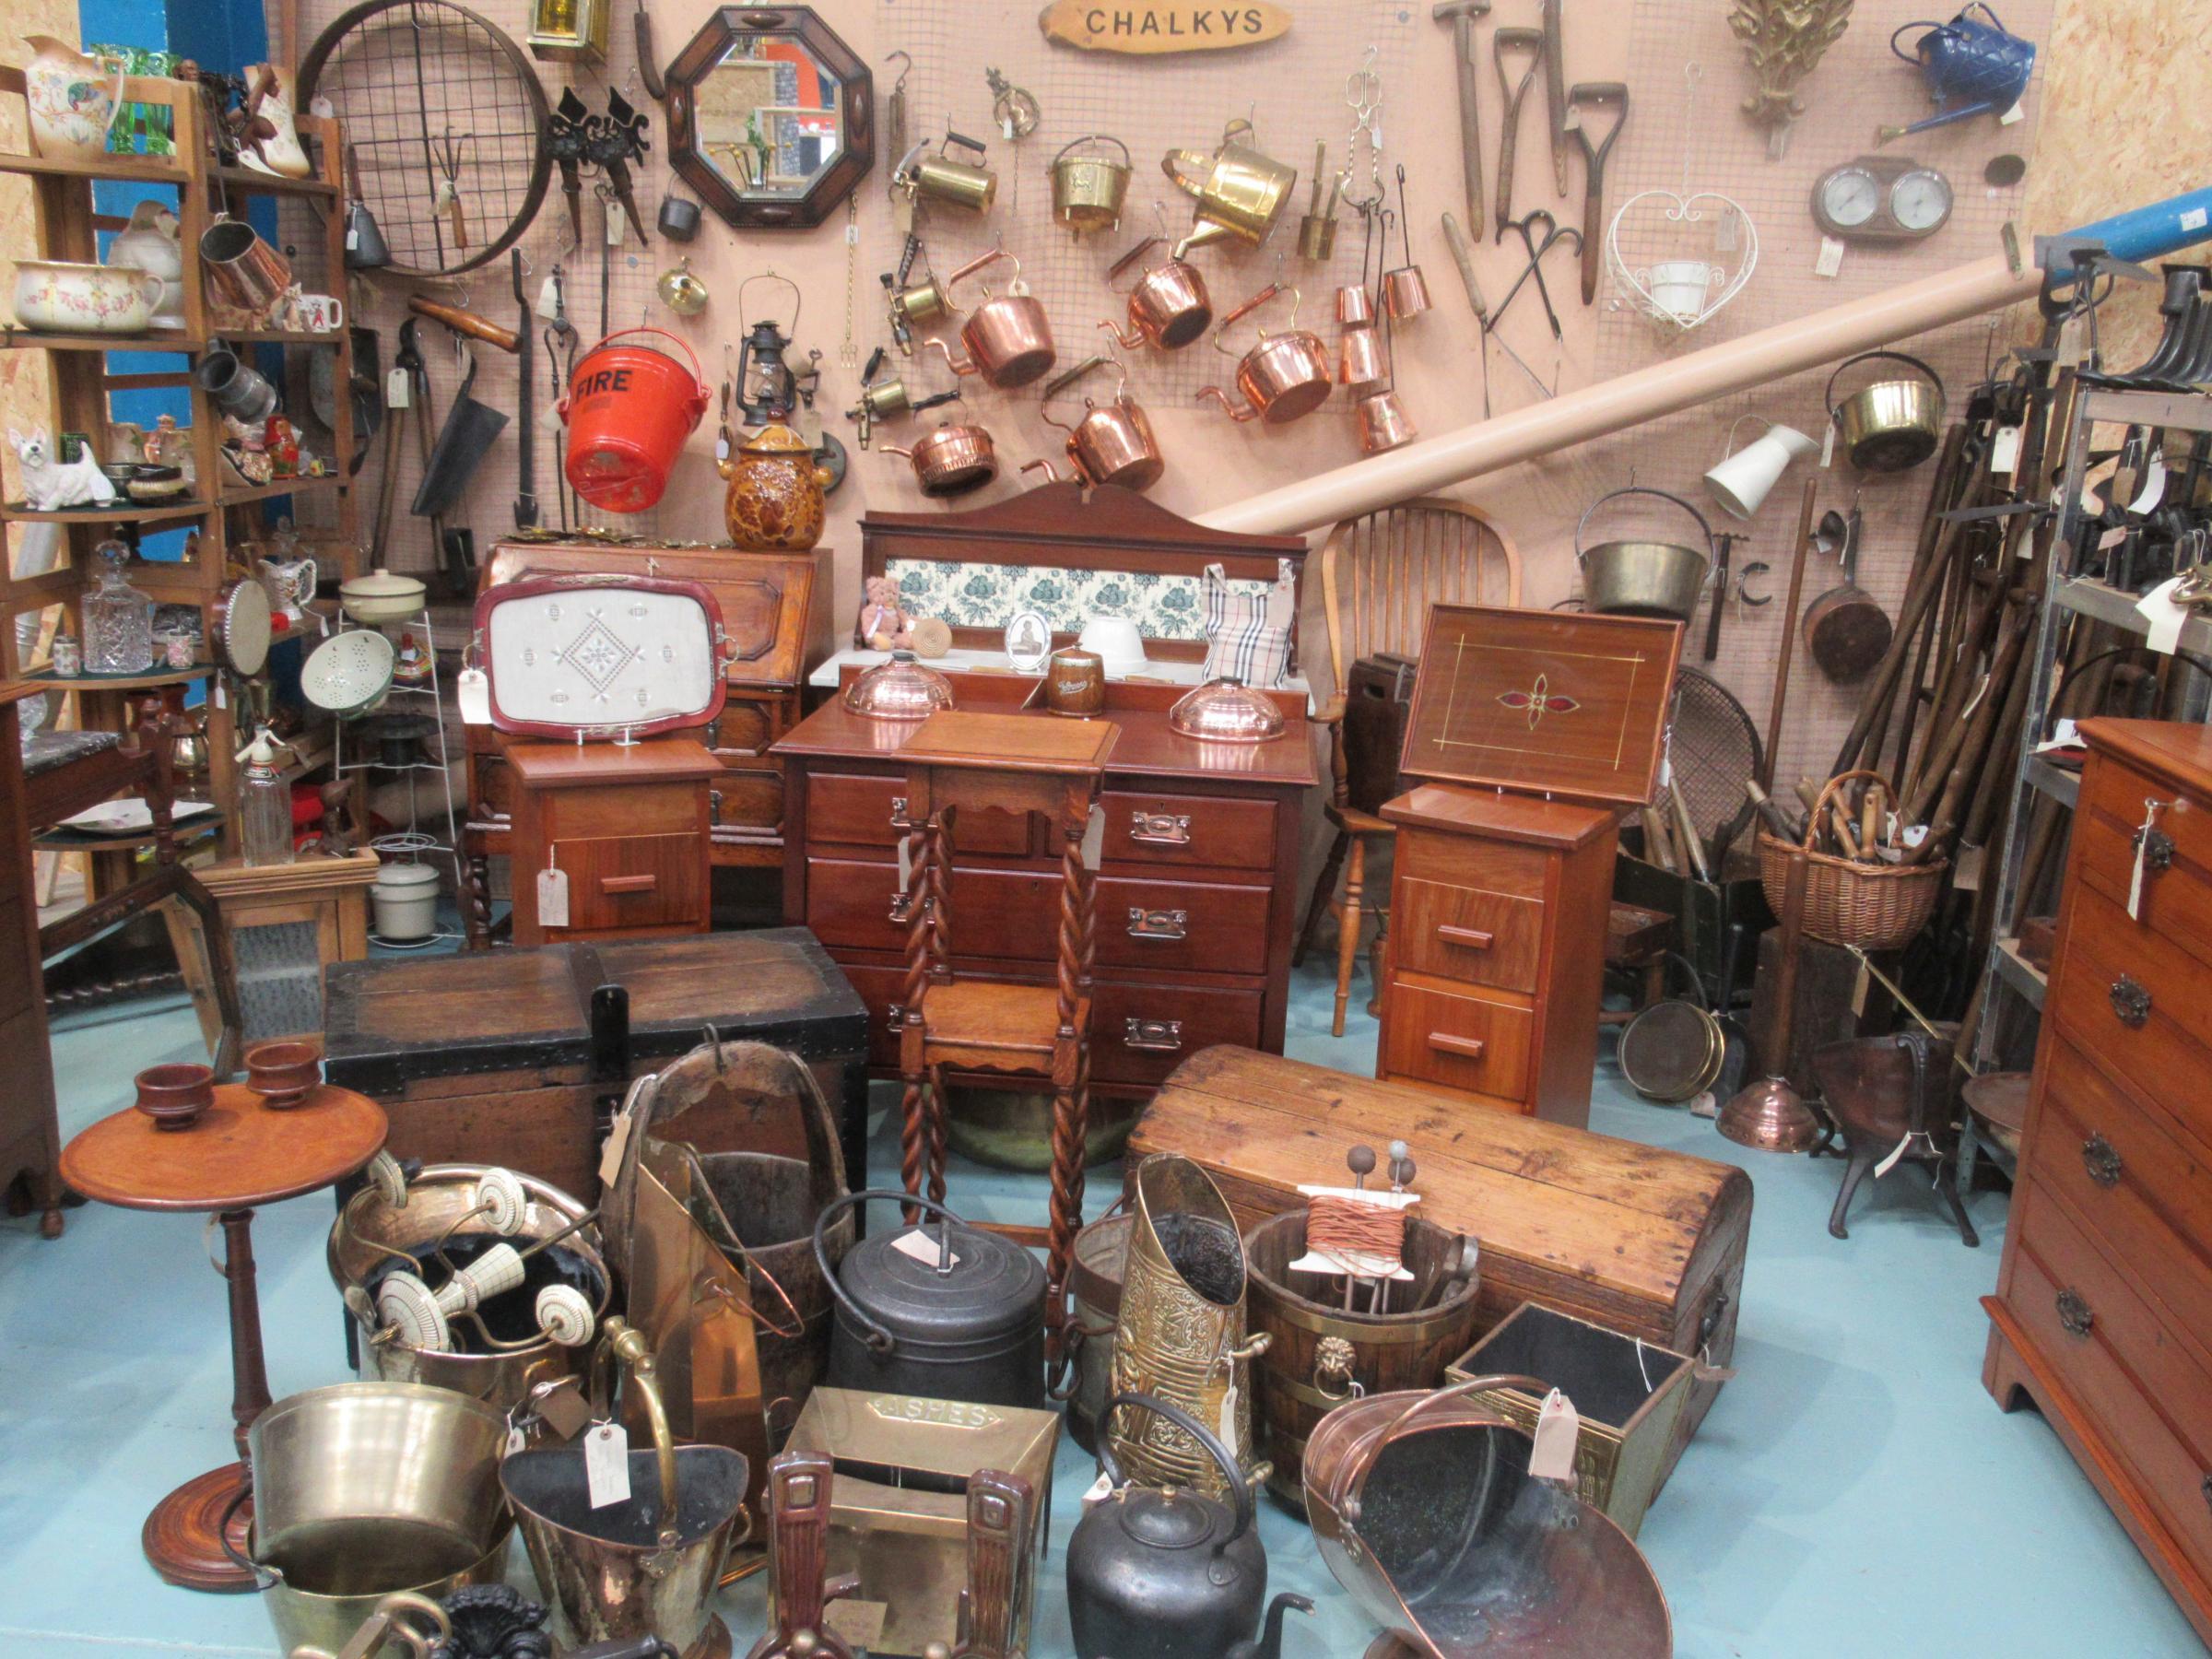 Vintage market Phoenix Emporium opens in Salisbury